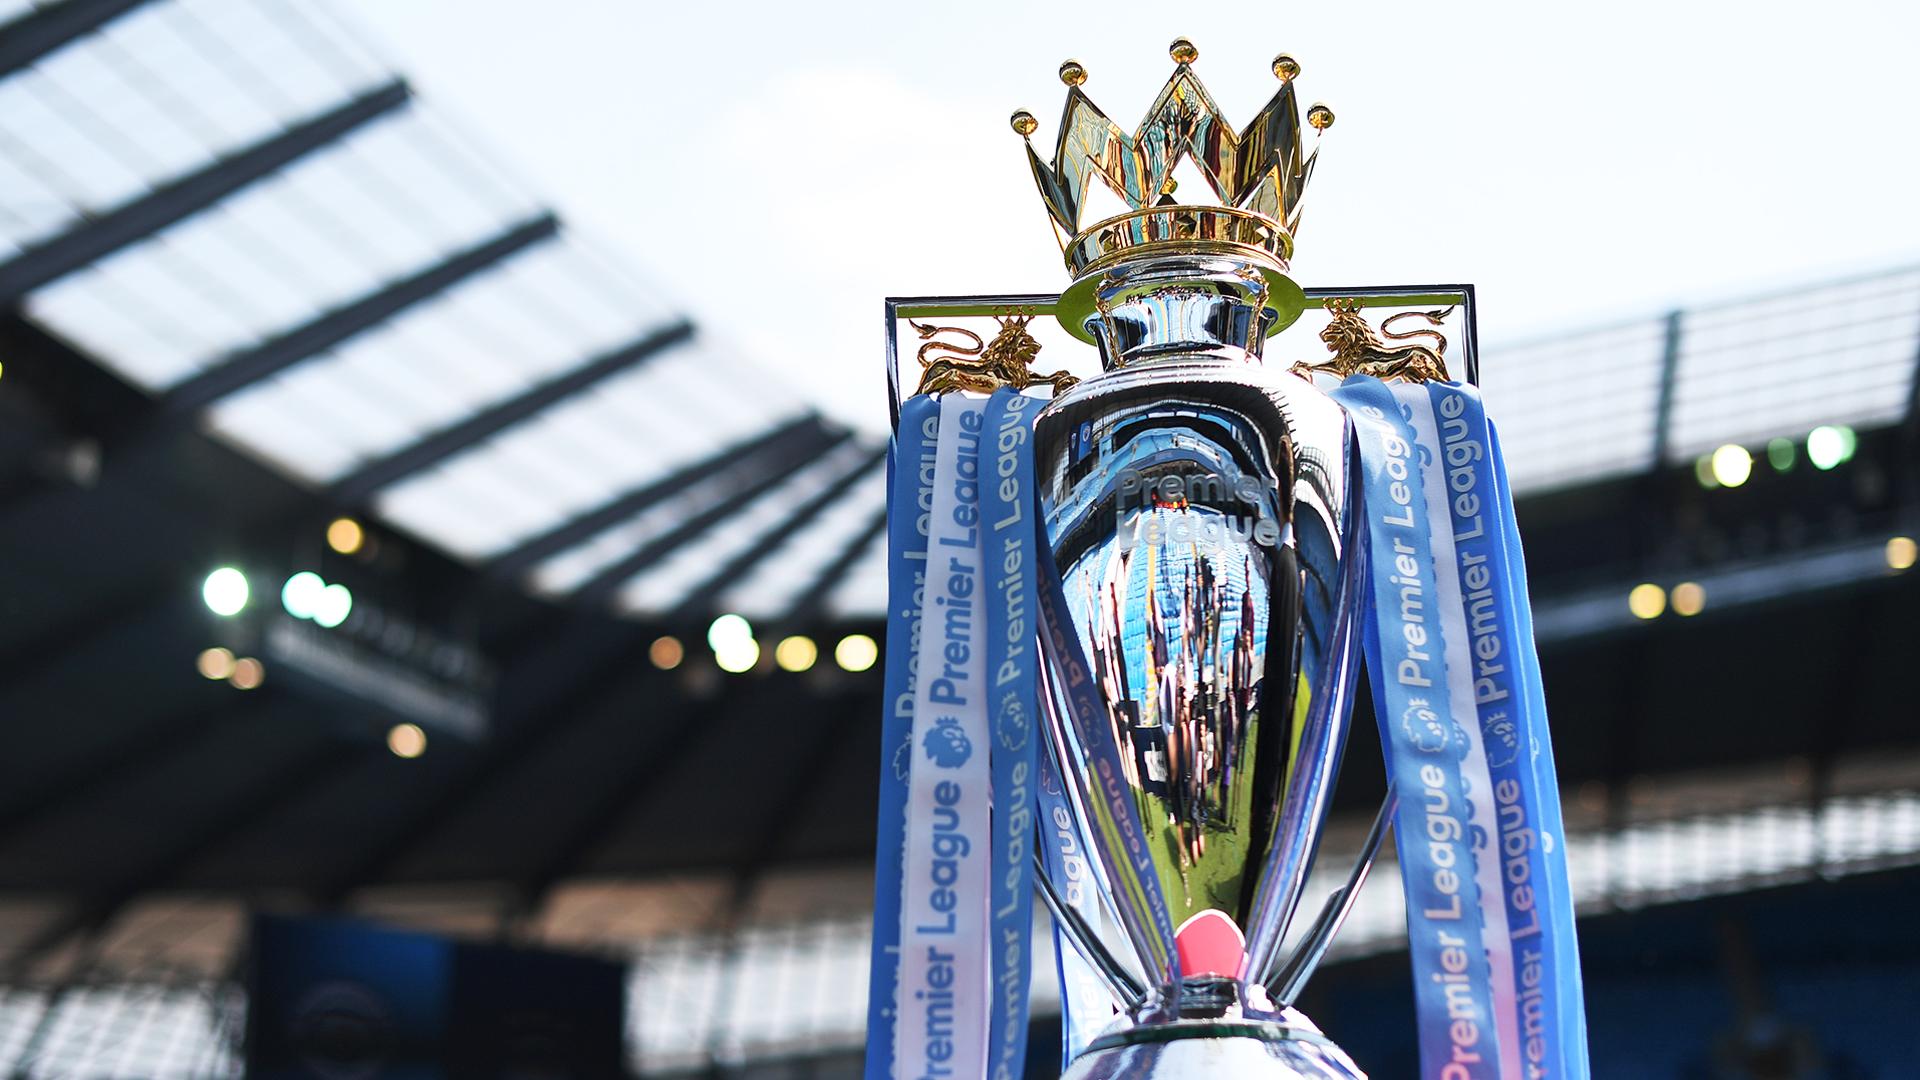 الدوري الإنجليزي الممتاز من هم الفائزين مصمم الكأس وما هي الأندية التي احتفظت باللقب Goal Com